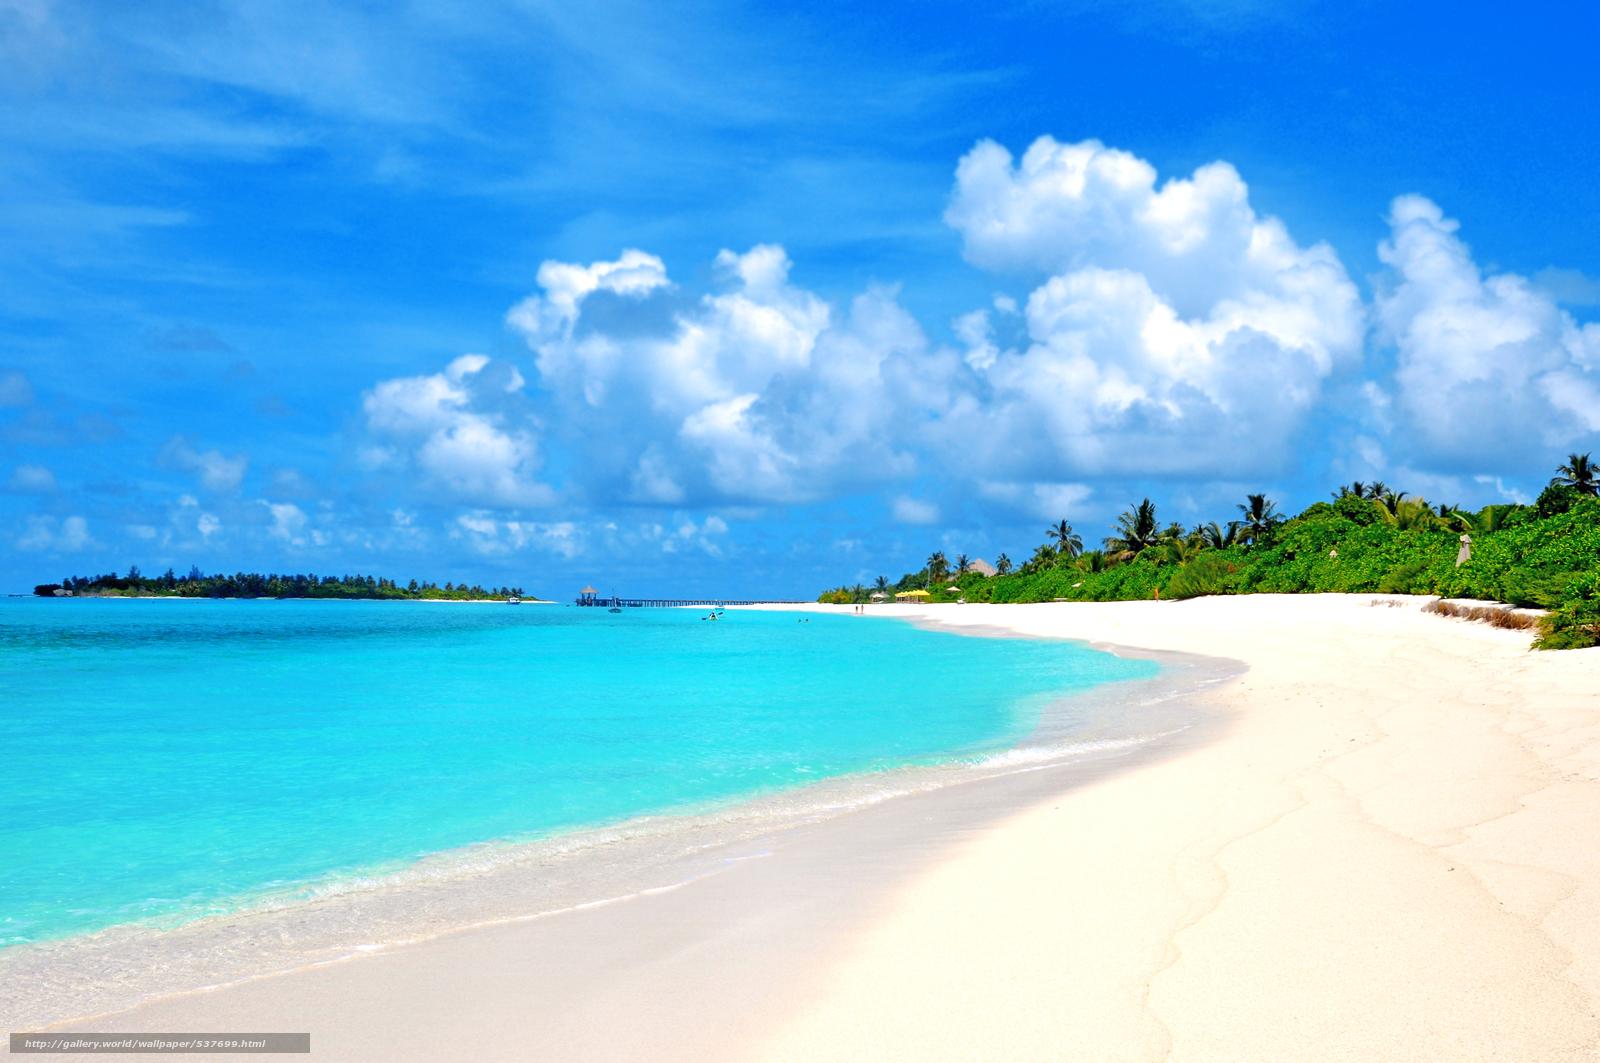 Scaricare gli sfondi tropici mare spiaggia sfondi gratis for Foto per desktop mare